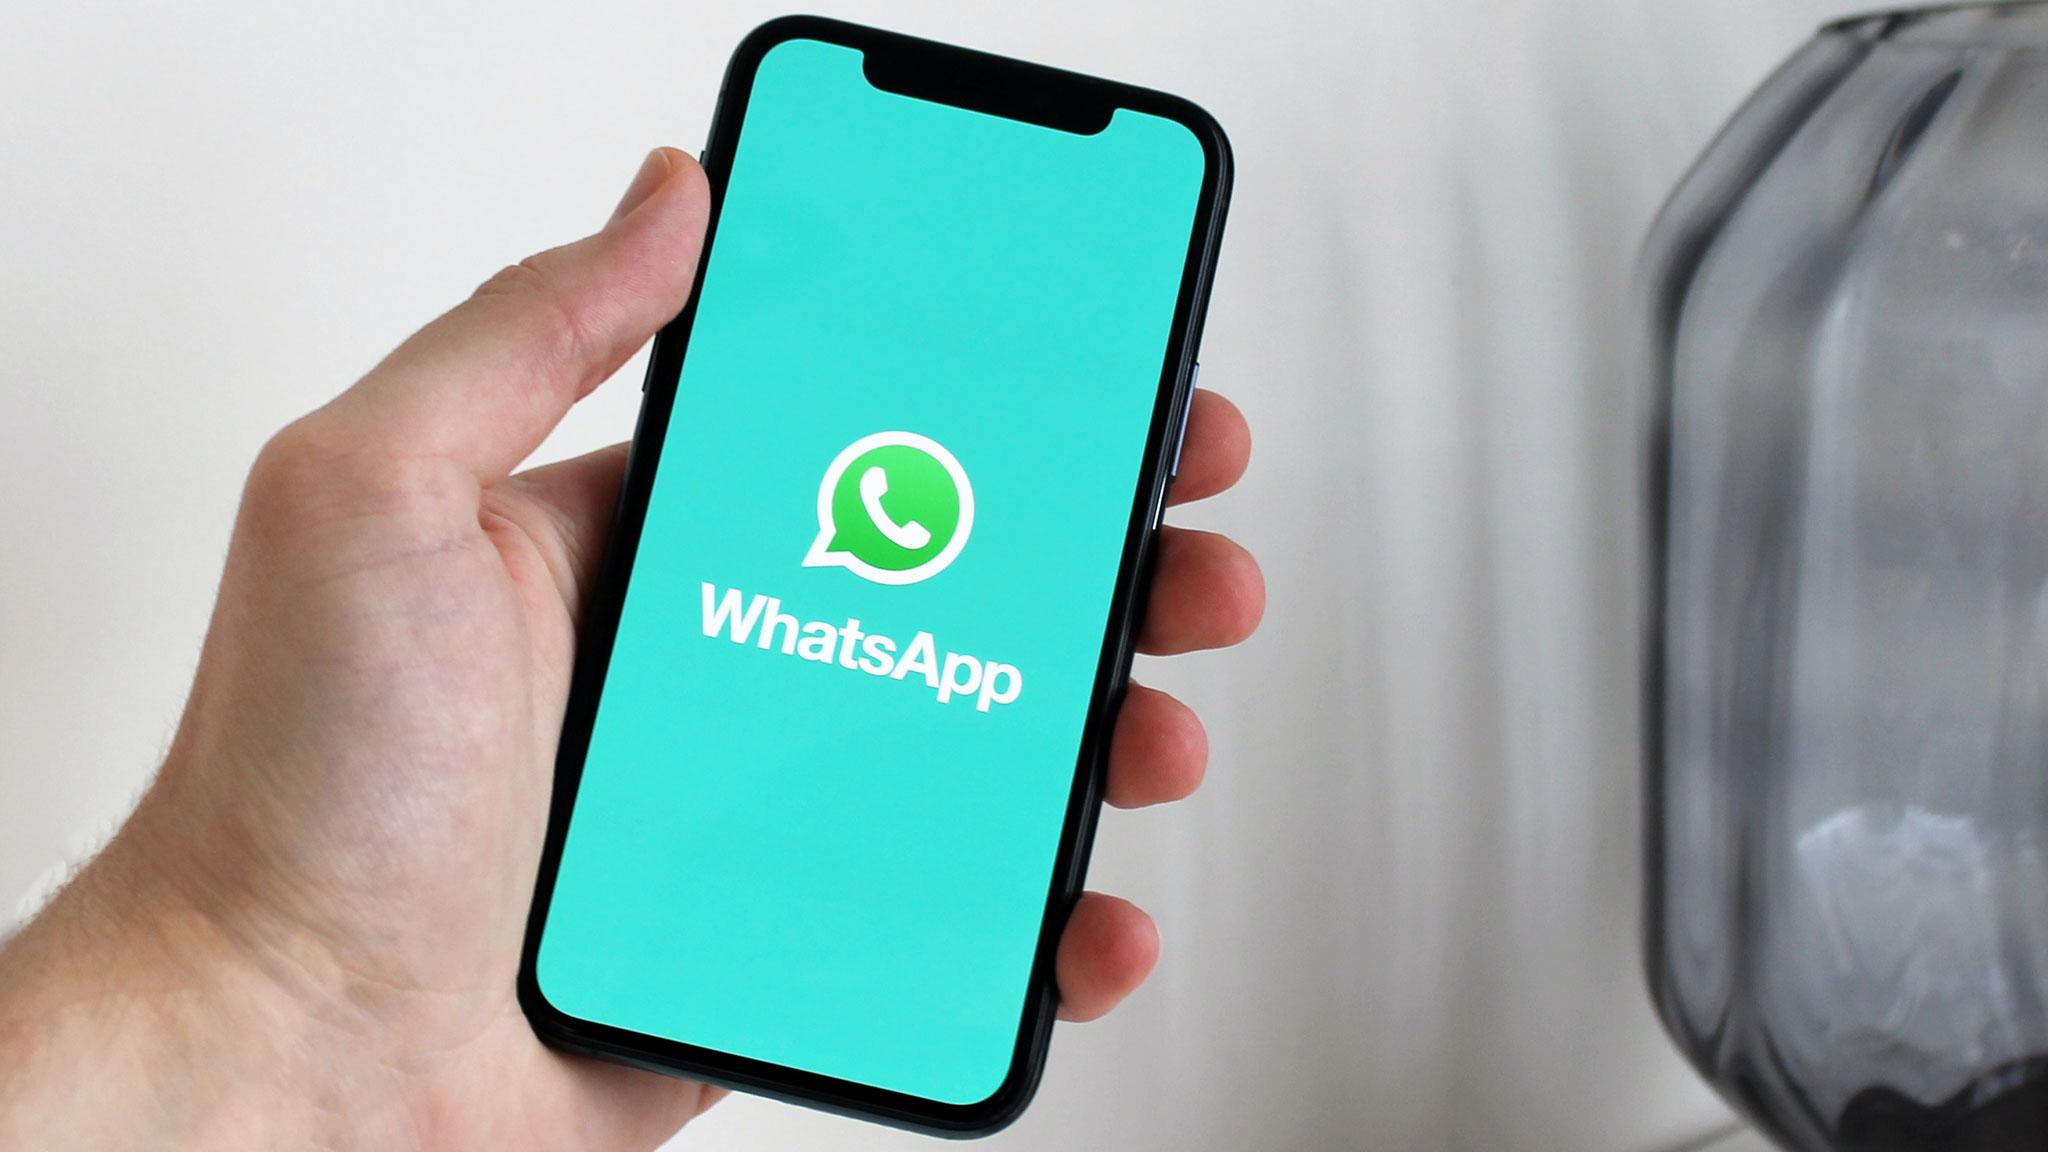 WhatsApp Bald mehr Optionen für selbstlöschende Nachrichten ...